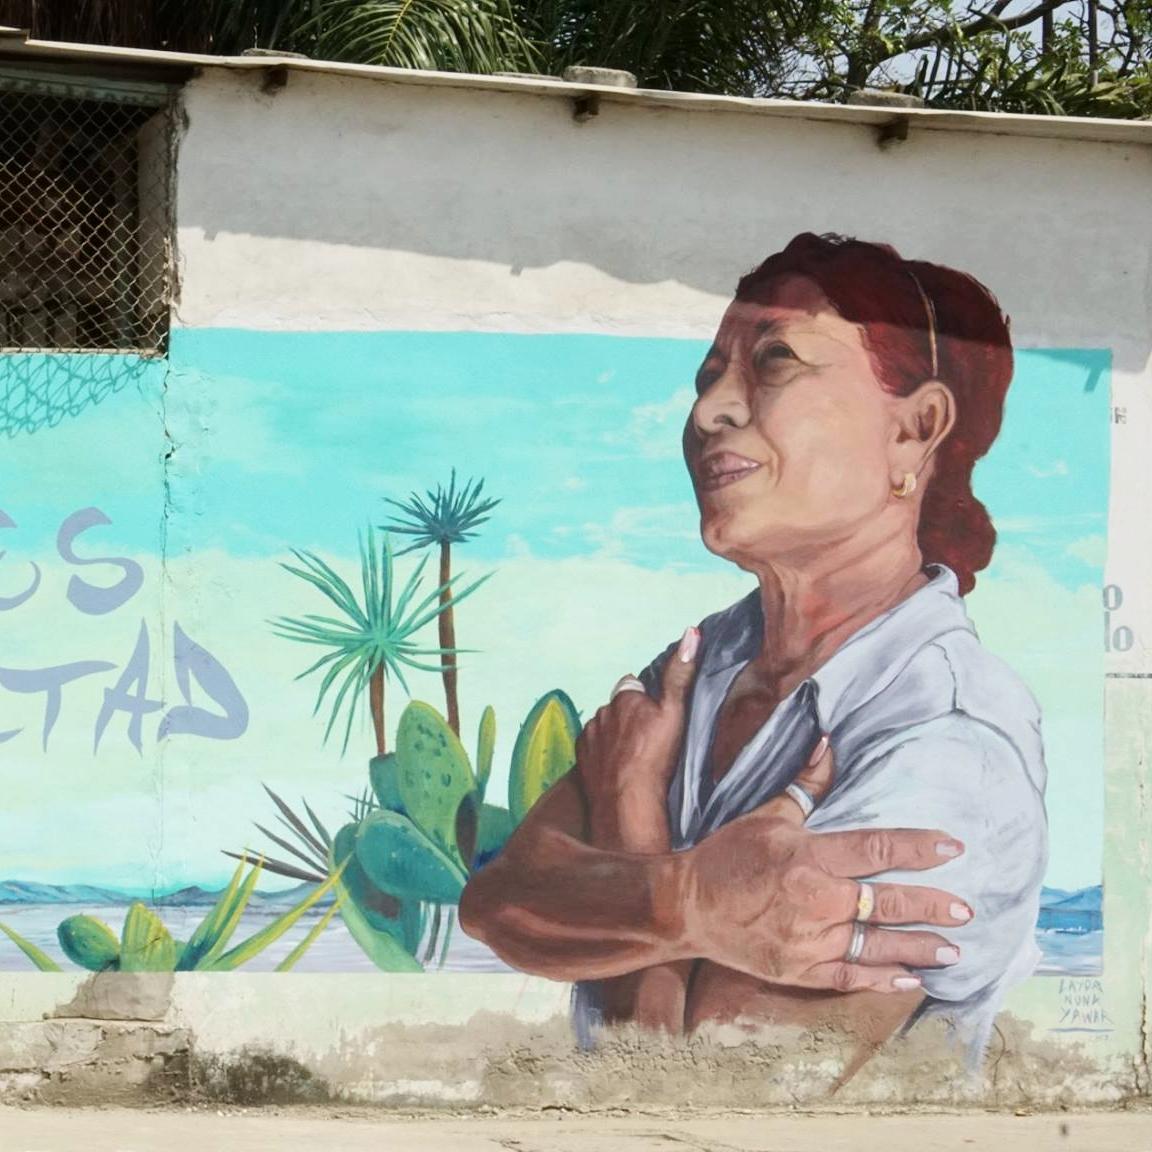 BAHÍA DE CARAQUEZ - Artistas internacionales, nacionales, y locales ayudan en los esfuerzos para reconstruir Bahía y para la lucha en contra de la violencia hacia la mujer creando una galería al aire libre de murales que no solo embellezcan las calles de Bahía, pero también cuenten historias de las mujeres que viven ahí, celebrar sus contribuciones a la sociedad y promover la igualdad de género.